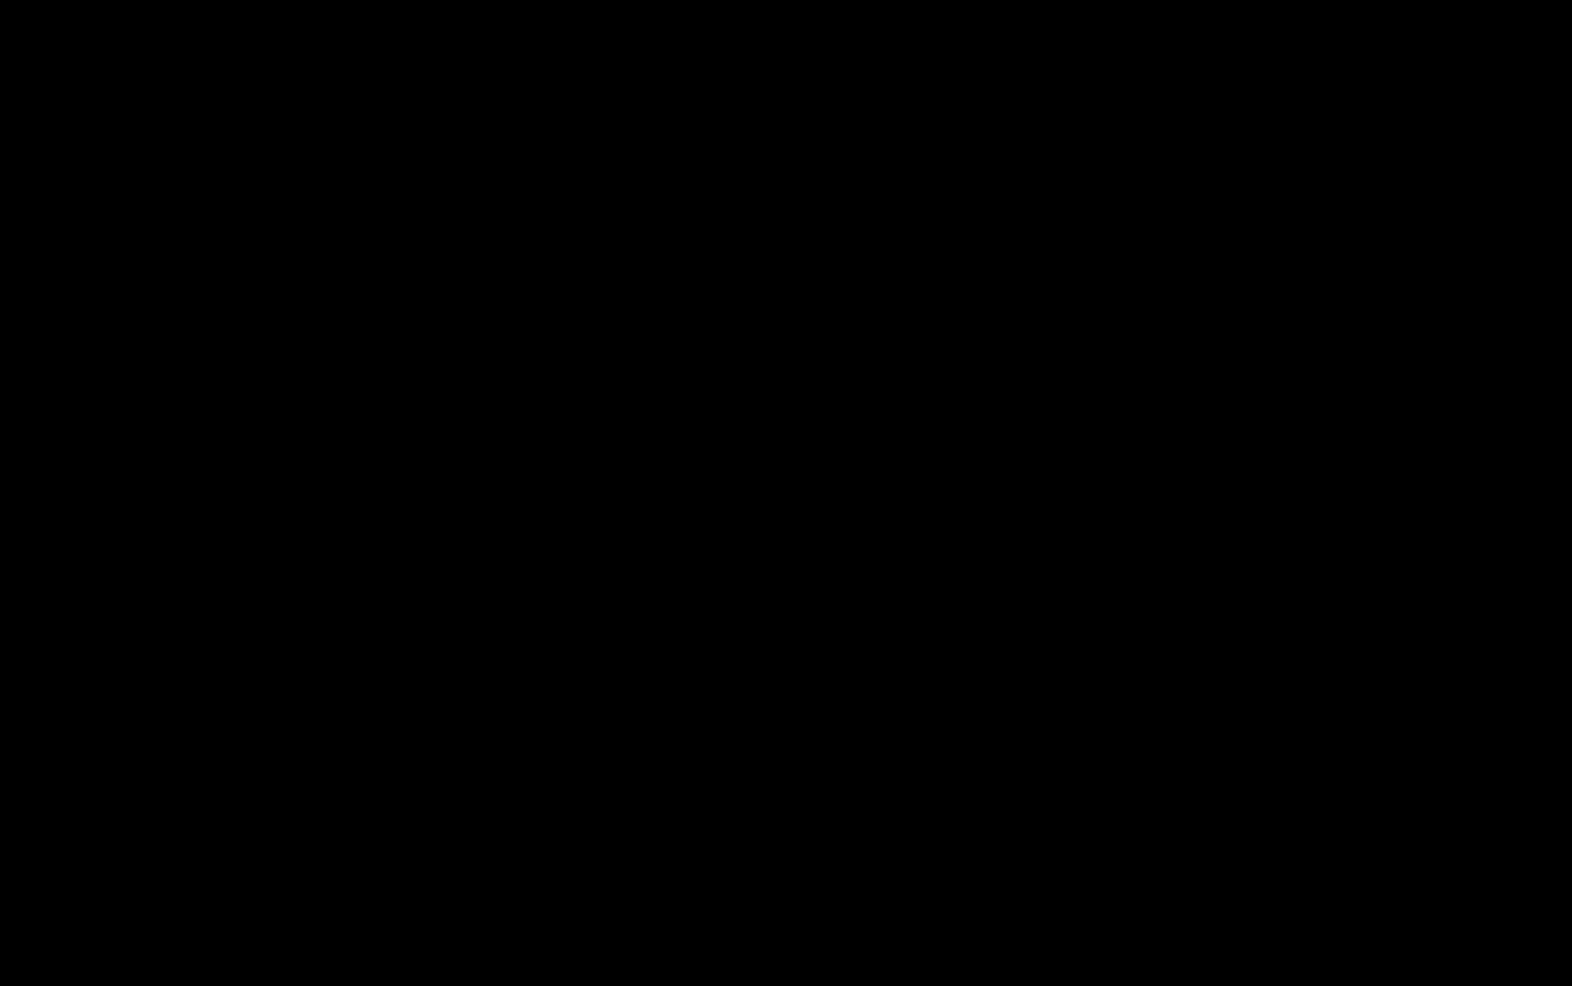 Acetaminophen Glutathione-<sup>13</sup>C<sub>2</sub>,<sup>15</sup>N Disodium Salt